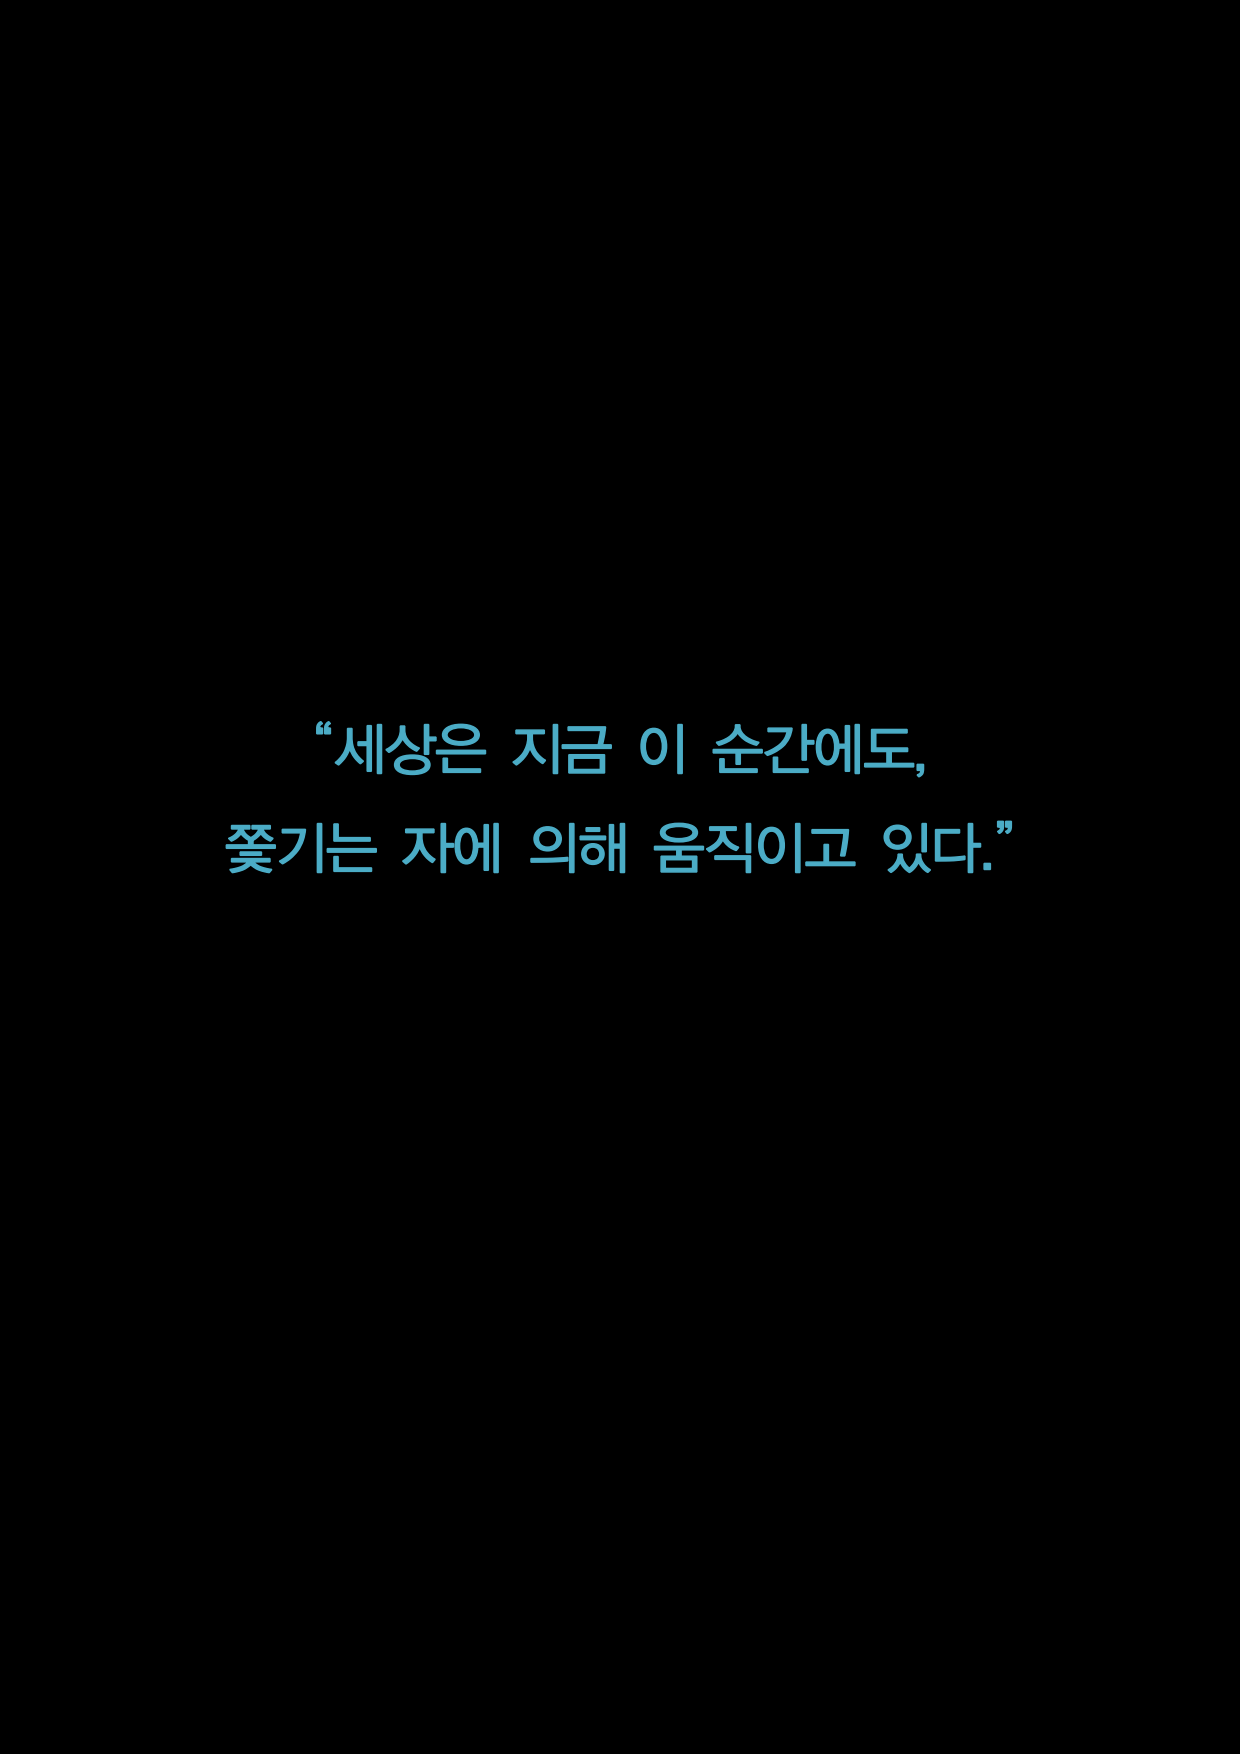 본 머티리어 1회차 홍보글 v3(수강후기 따로 편집요함)_13.png